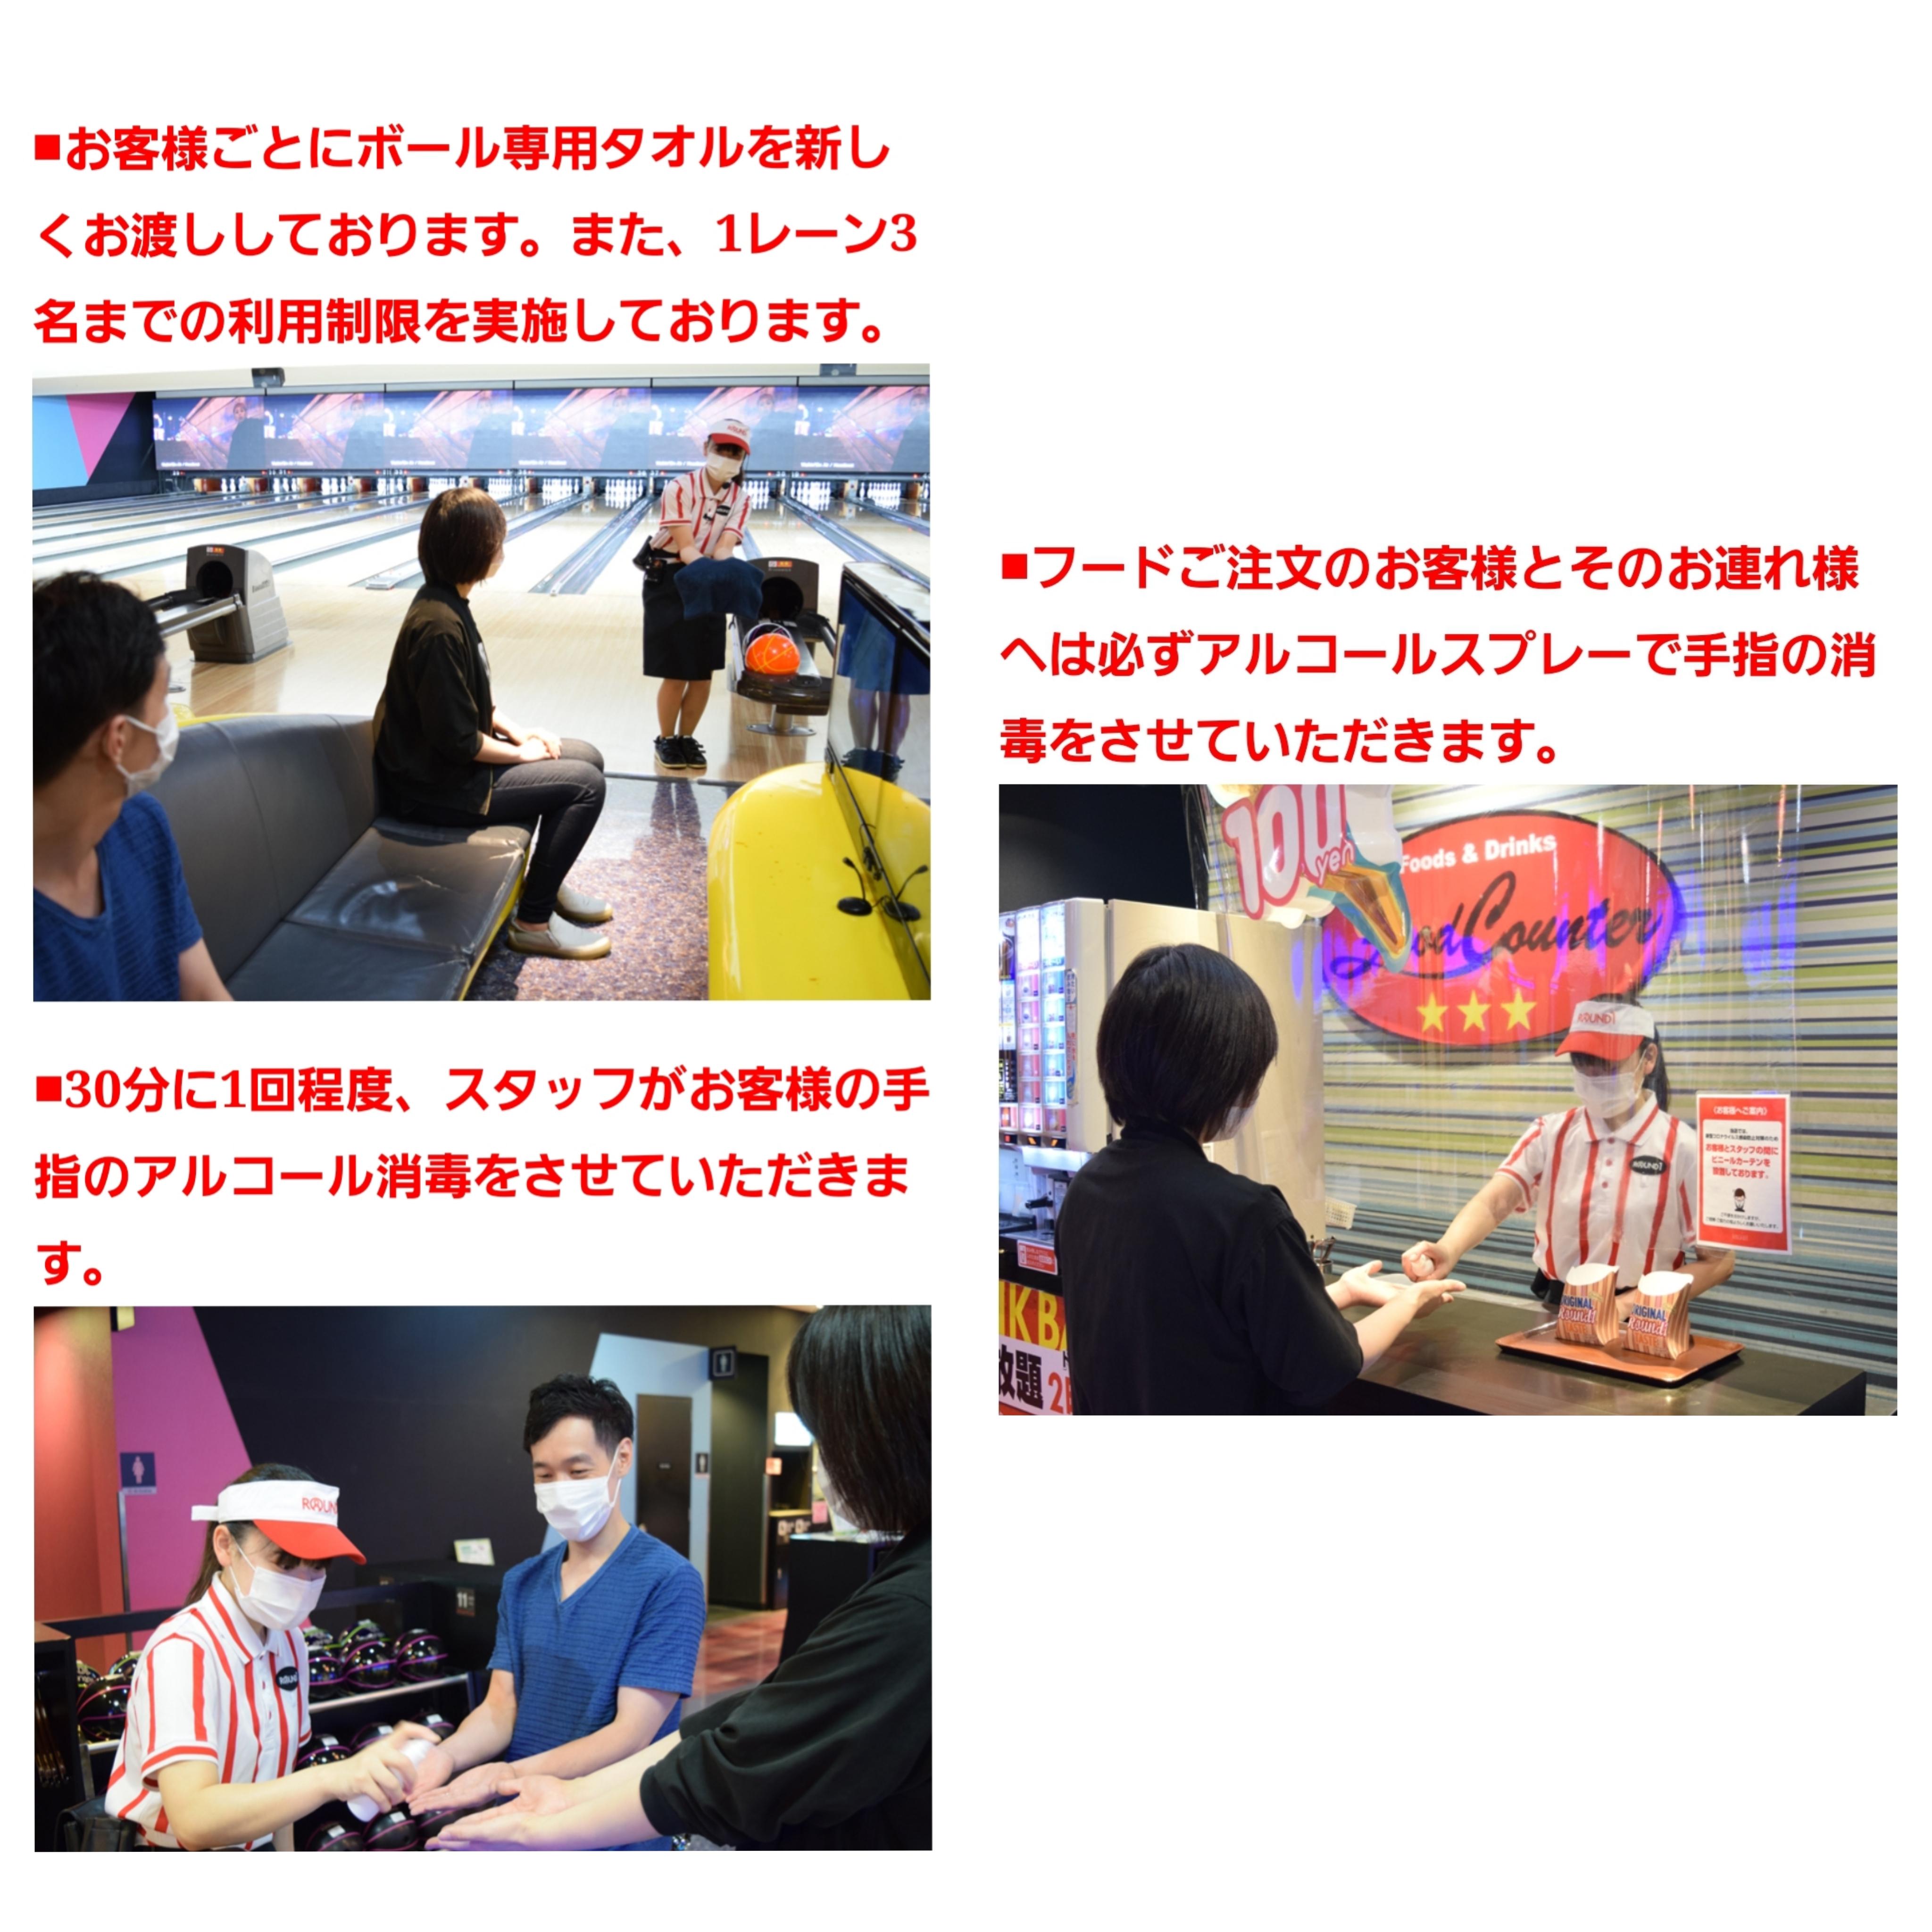 CollageMaker_20200527_185559133.jpg